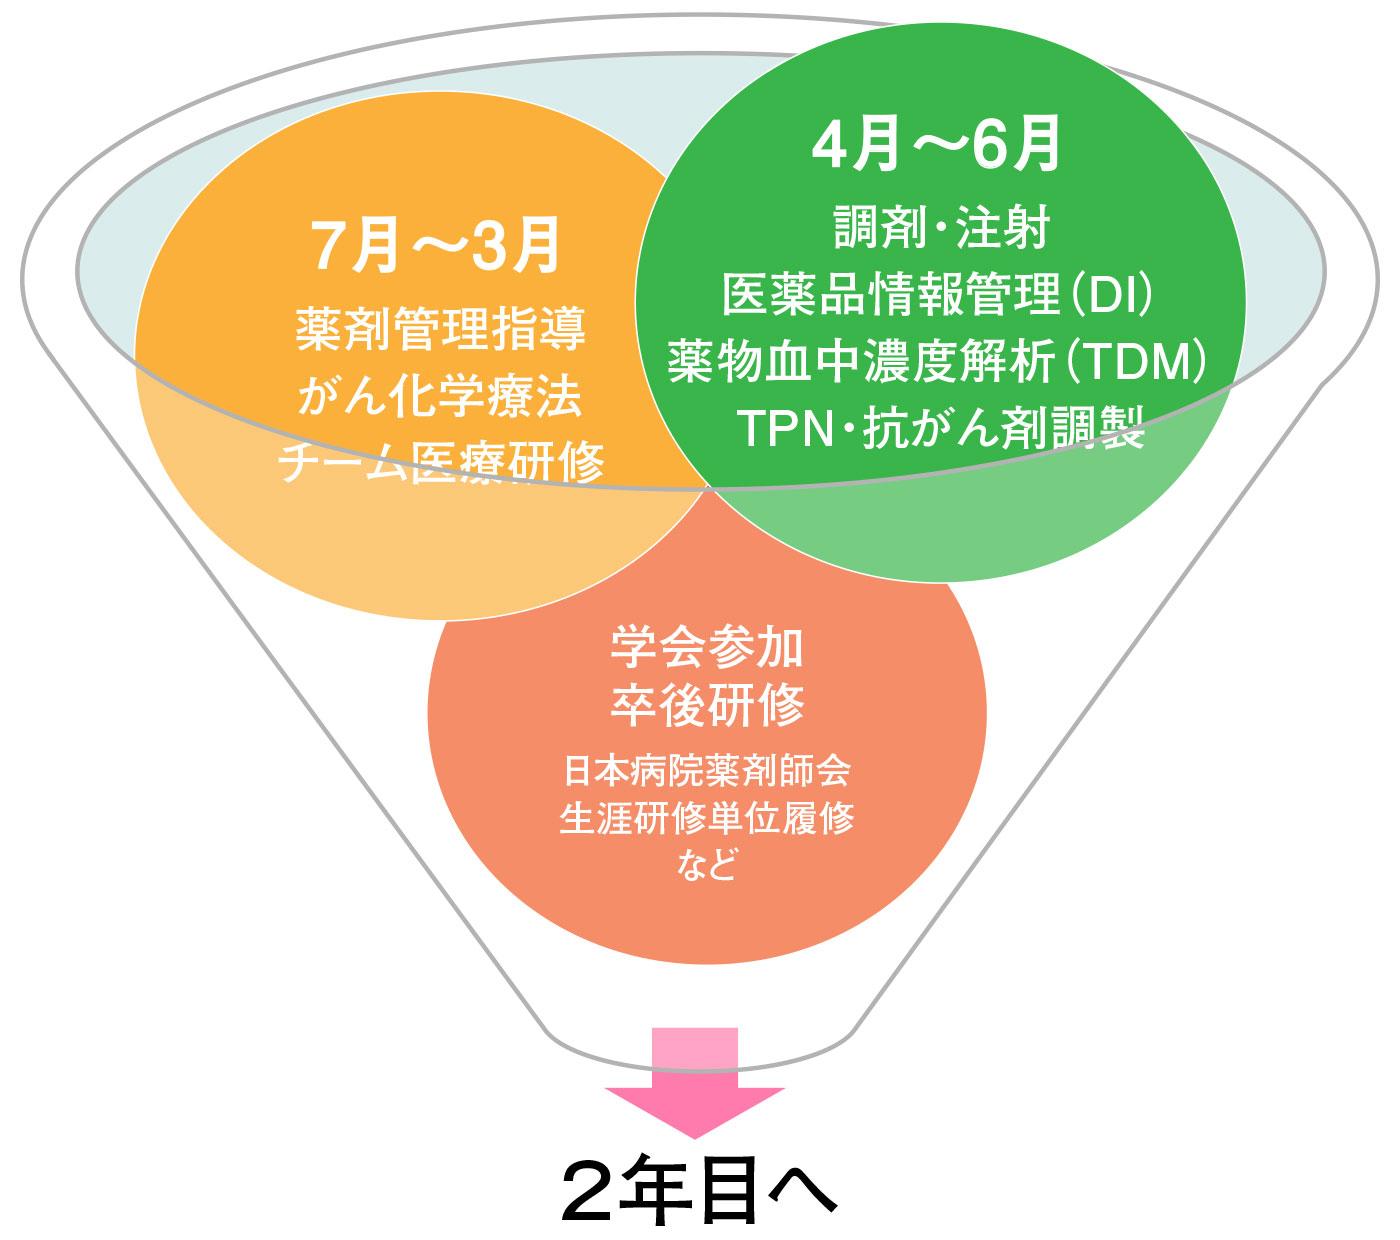 薬剤師新人教育スケジュール(1年目)~急性期病院での教育~